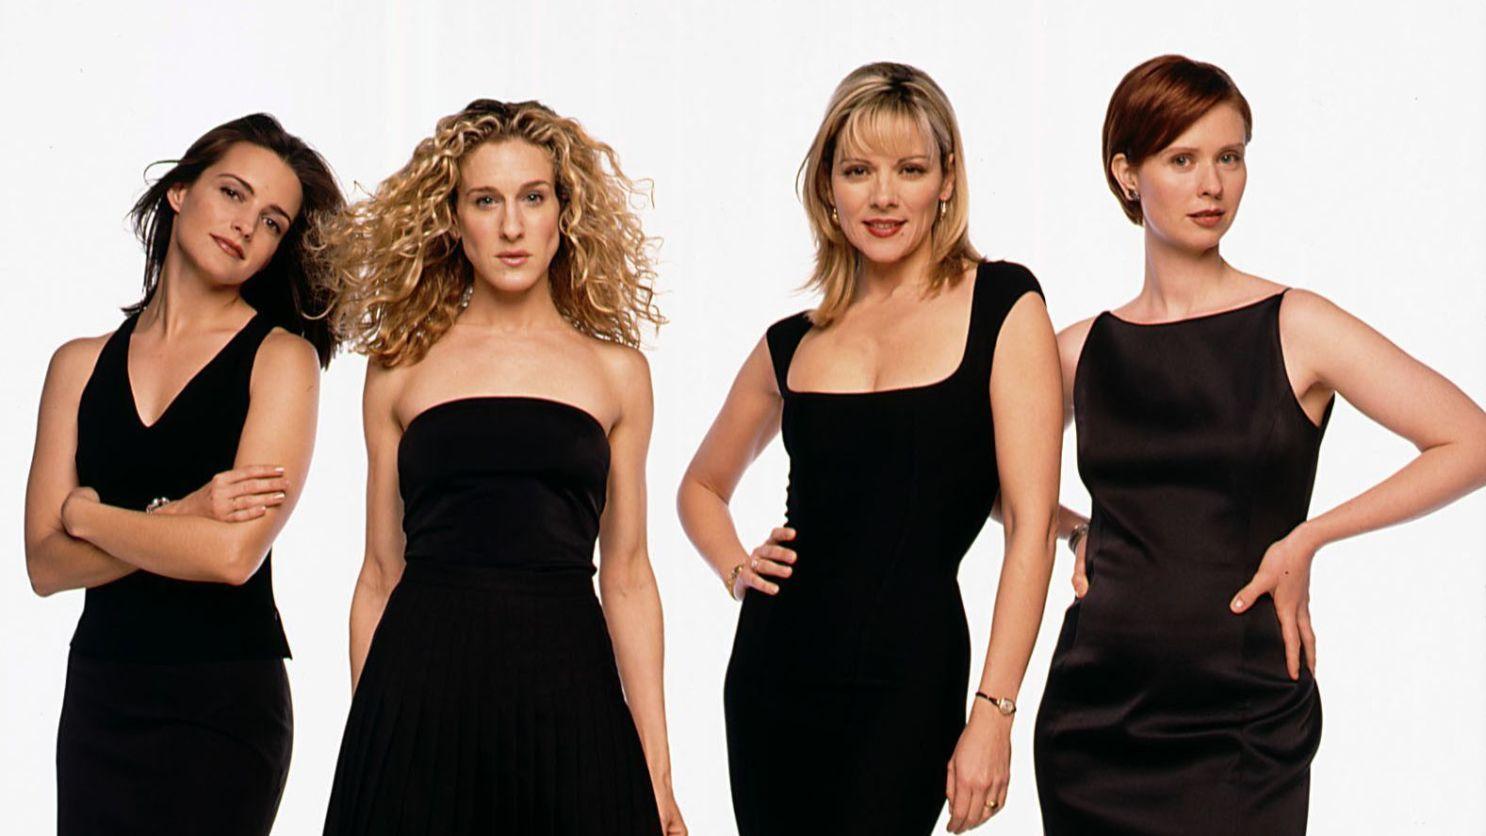 Seriale perfecte pentru toate doamnele si domnisoarele